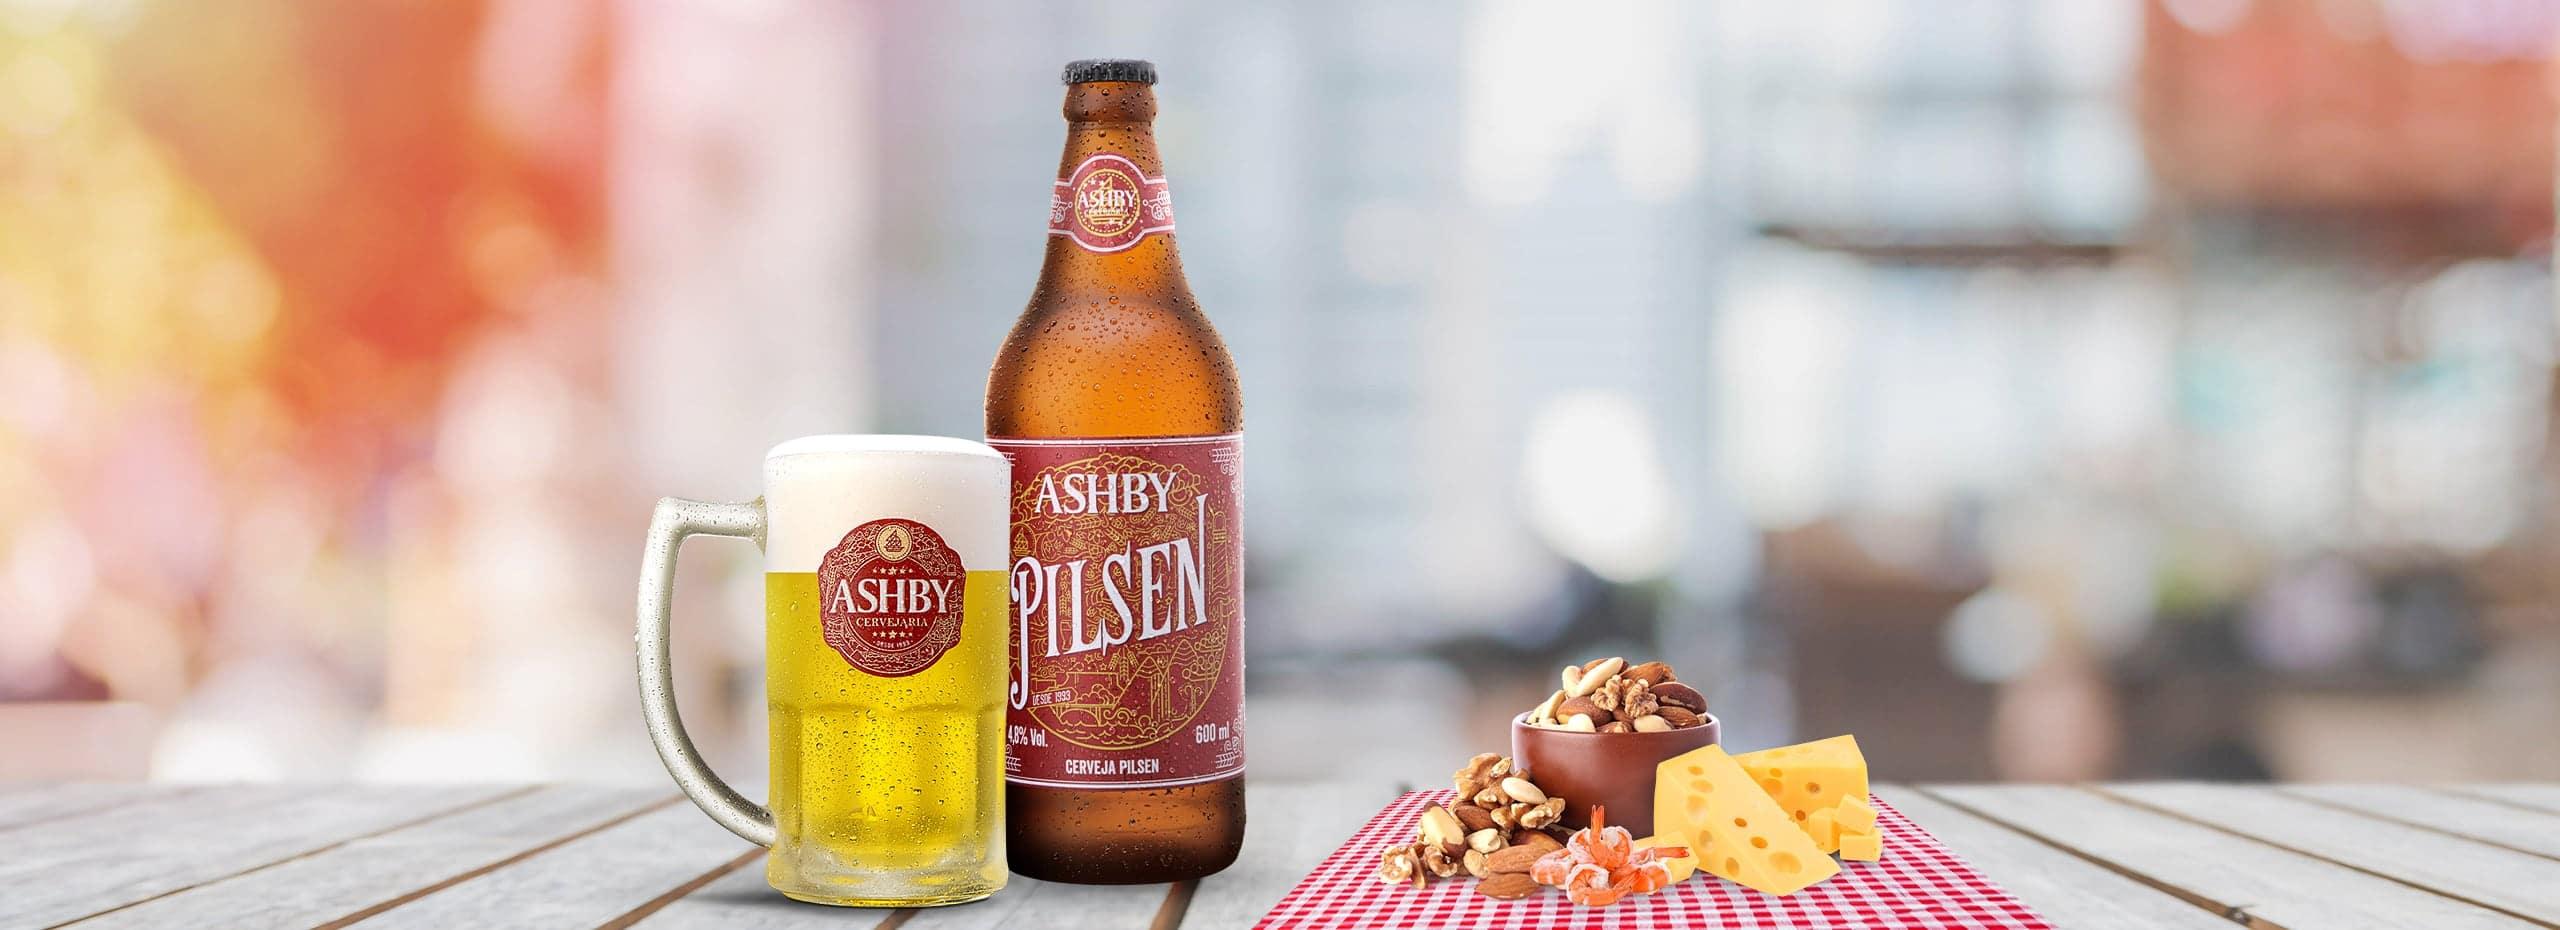 Dicas de harmonização da cerveja Pilsen